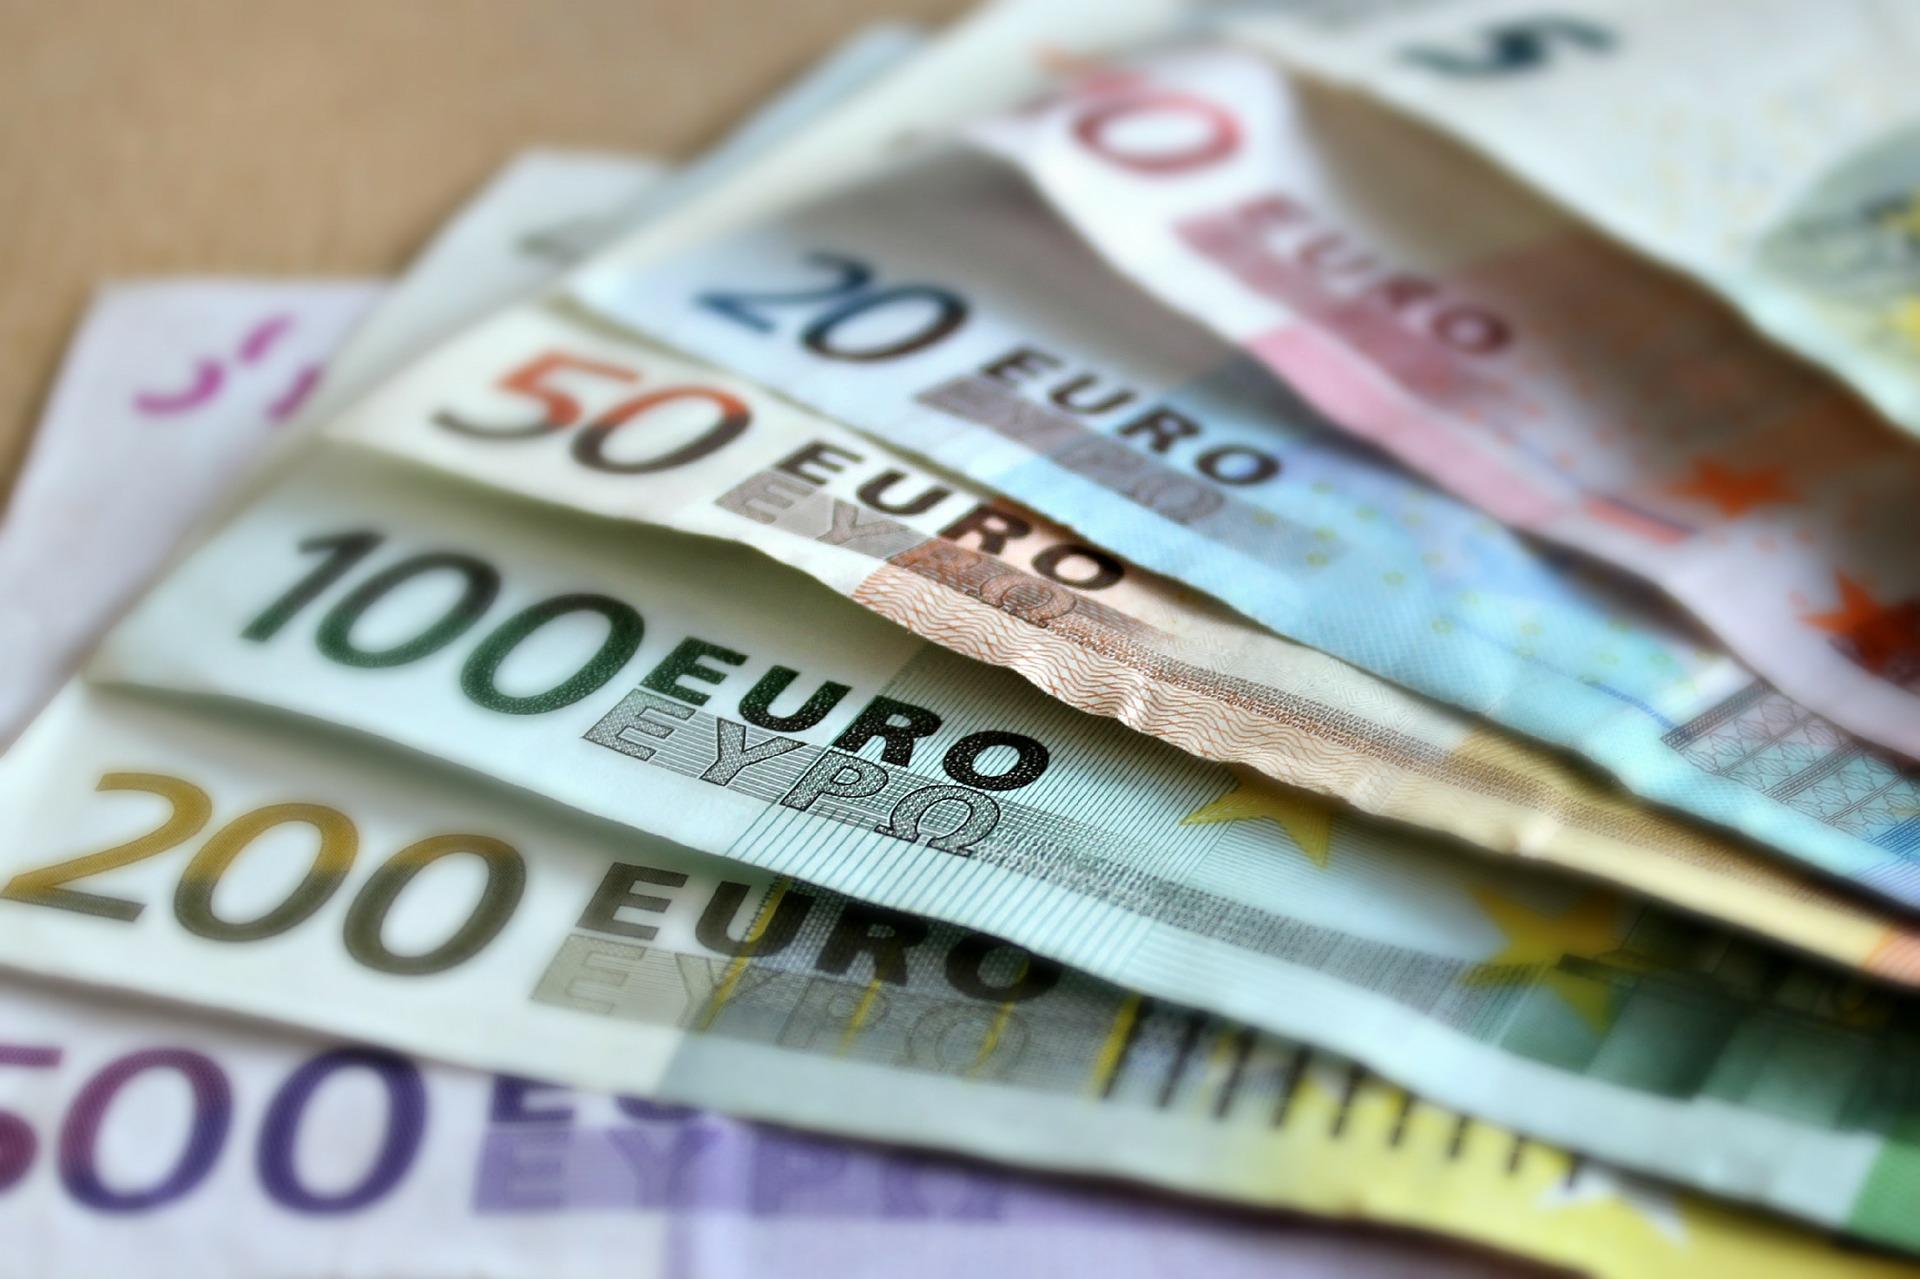 3 money euro